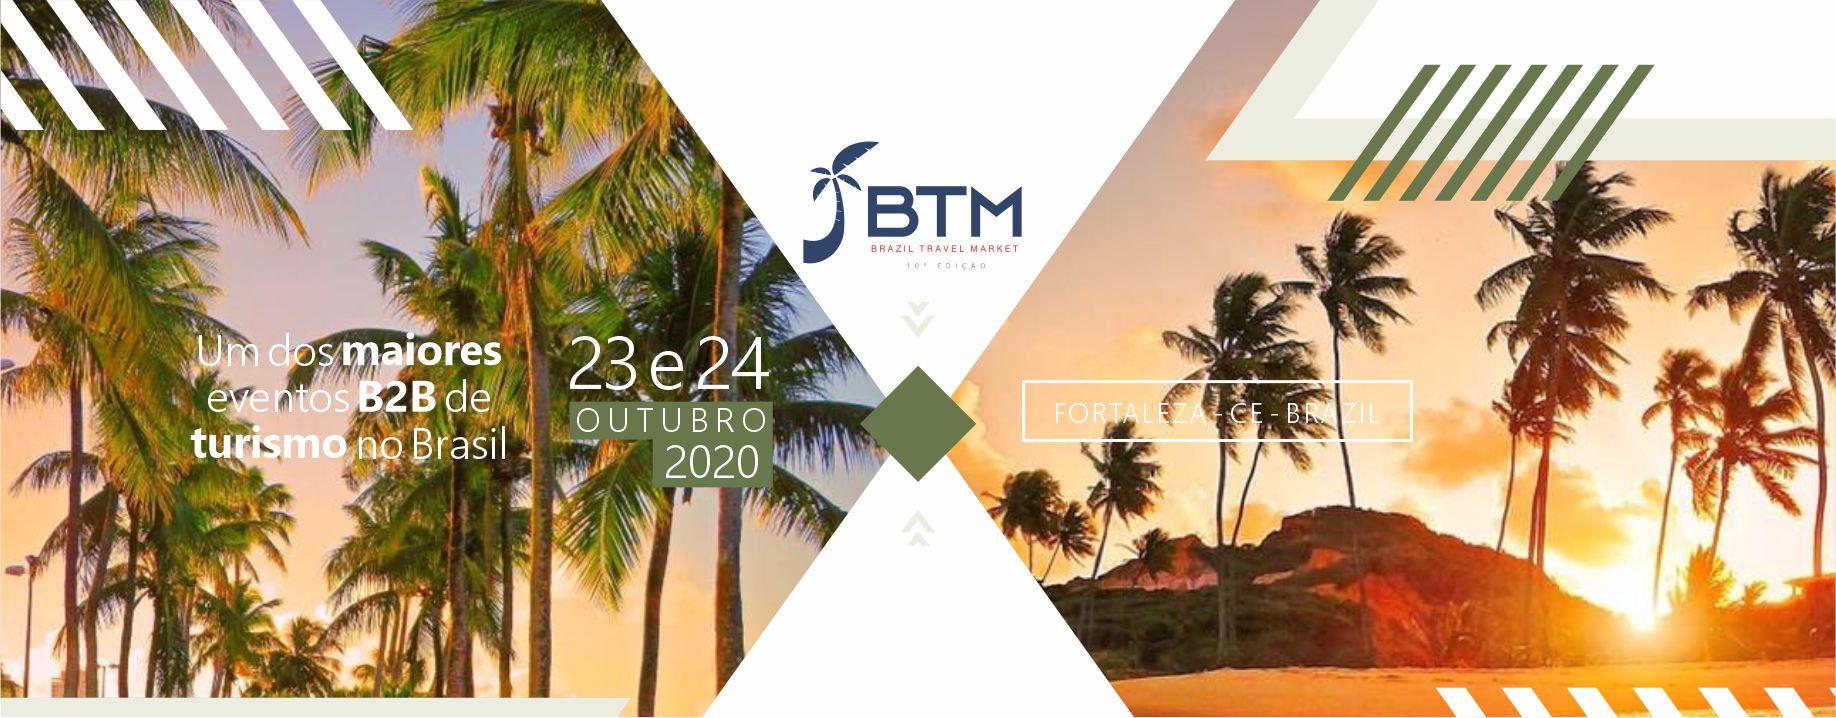 Brasil Travel Market - A maior feira de turismo do Norte e Nordeste do Brasil